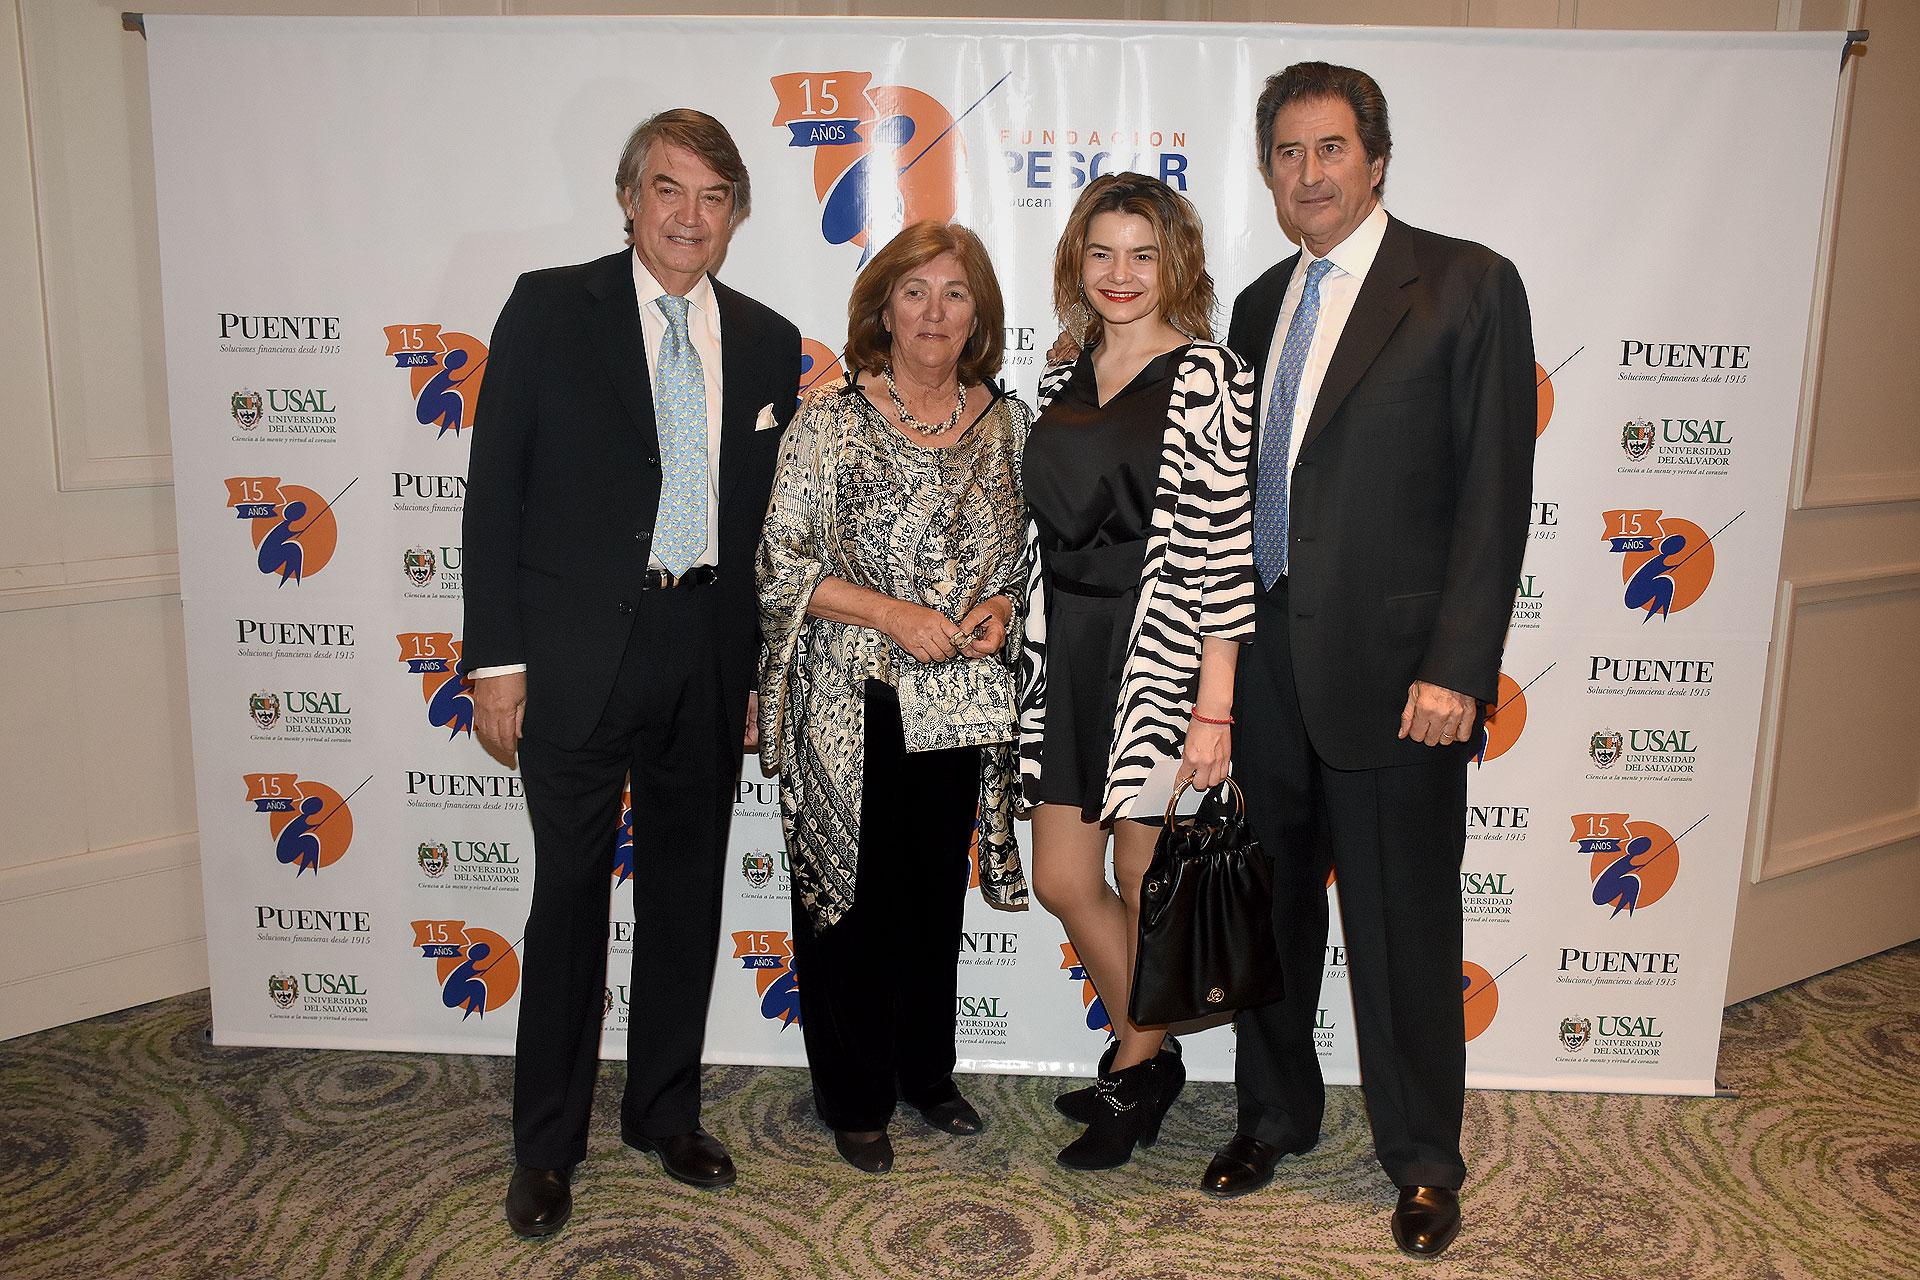 La comisión directiva de la Fundación Pescar: Edgardo Palmero, Silvia Uranga y Eduardo Novillo Astrada junto a Myrna Polotnianka, gerente de Comunicación y Responsabilidad Corporativa de L'Oréal Argentina